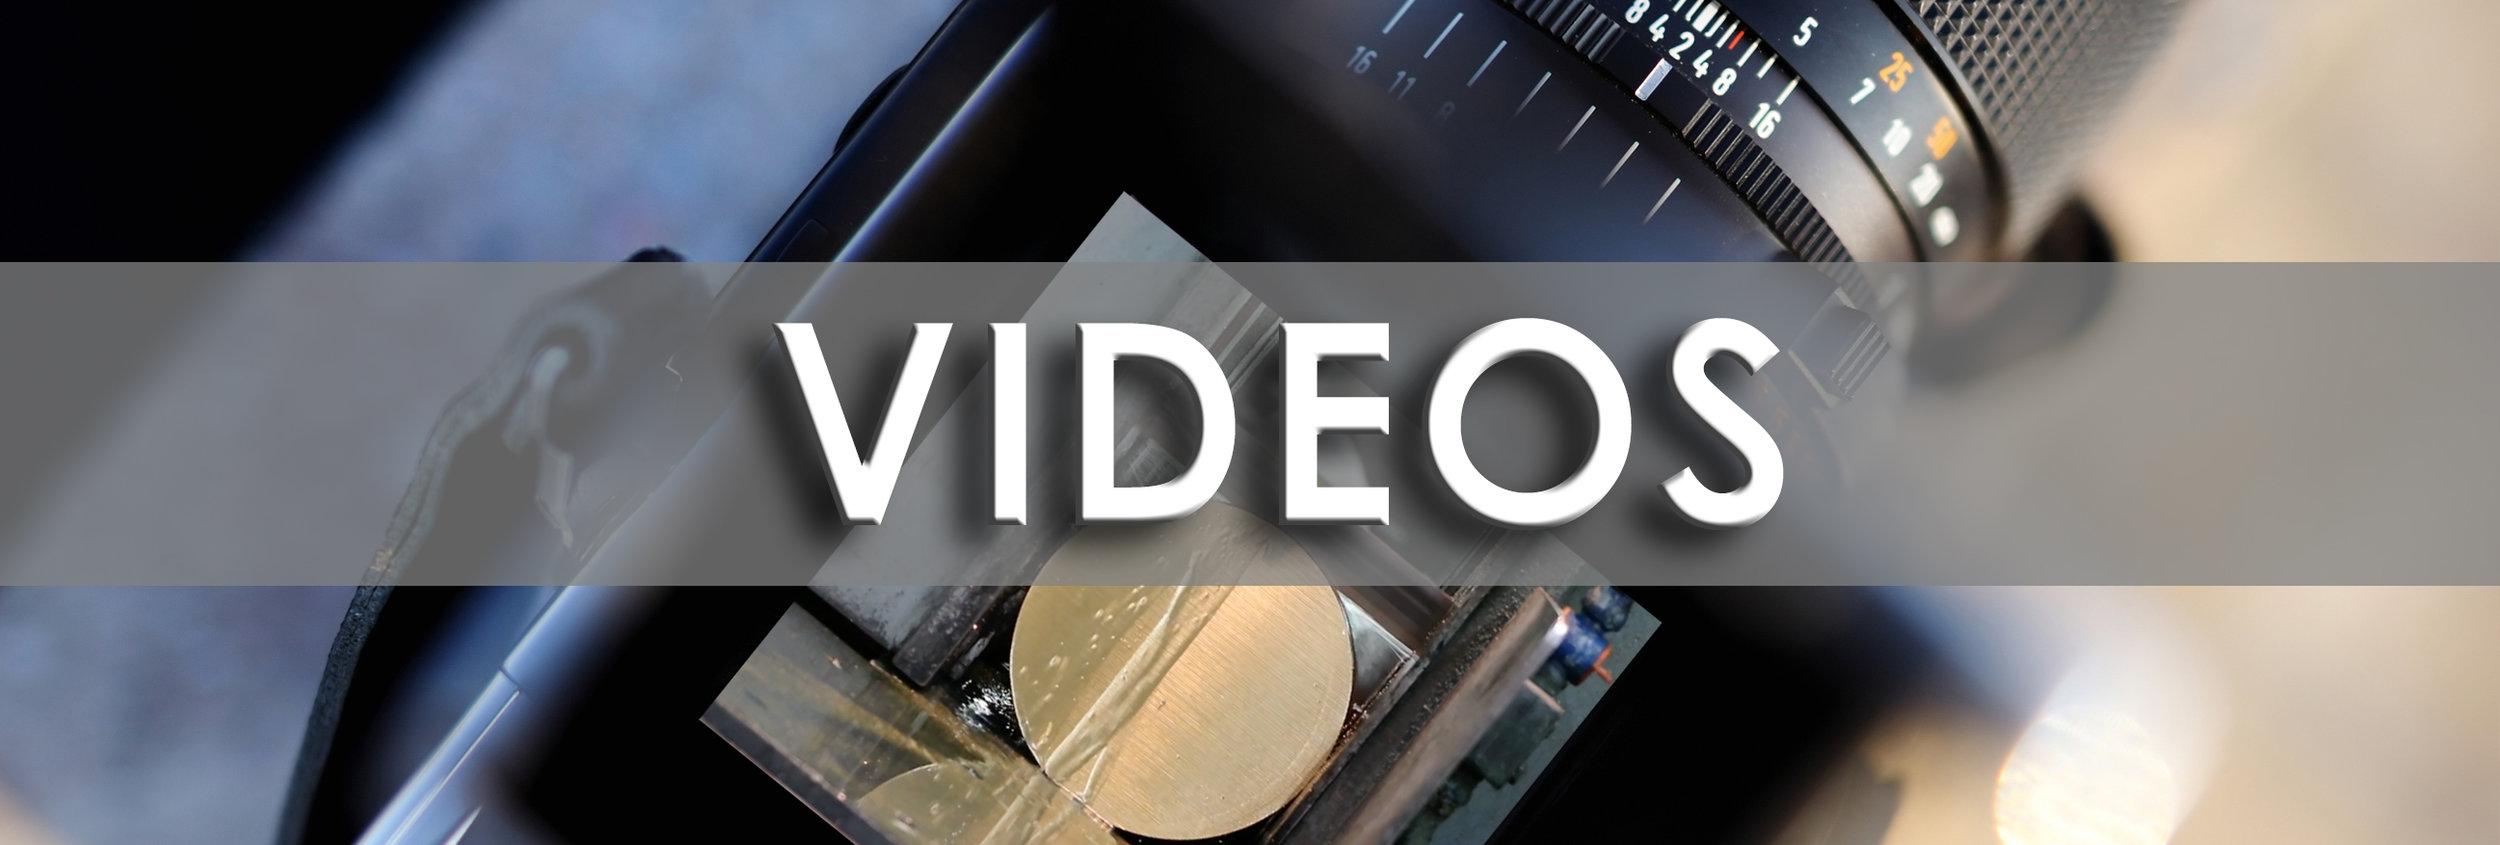 MEDIA VIDEOS MAIN.jpg